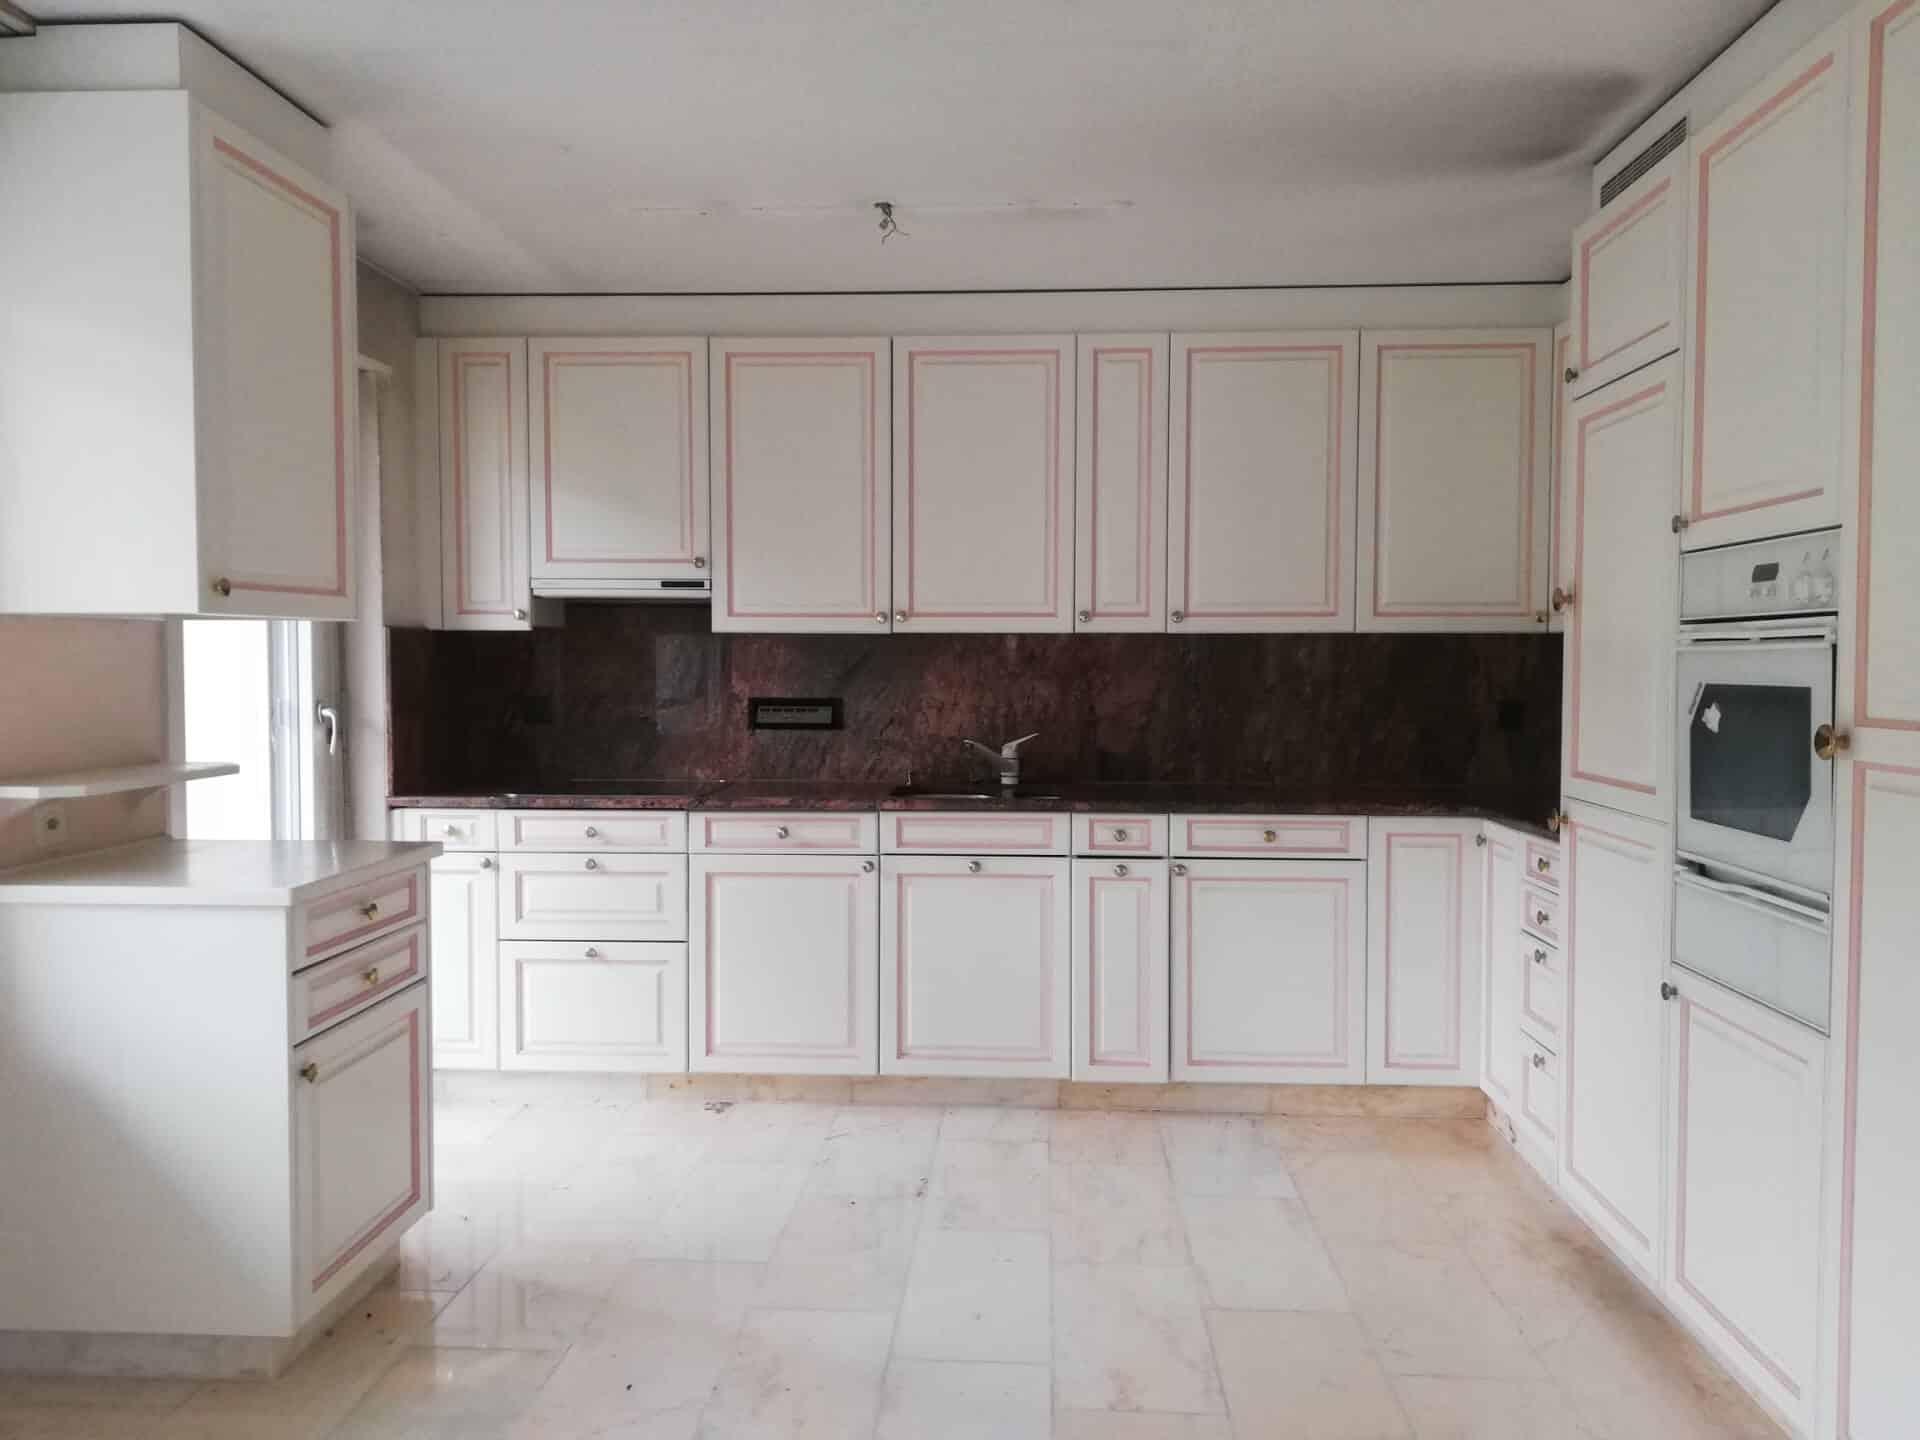 Foto von bestehender Küche. Eine Weiss / Altrosa gehaltene L-Küche im Landhausstil. Die bestehende Granitabdeckung ist in der Farbe Terrakotta gehalten und hat eine schwarze Maserierung und Graniteinschlüsse. Auch das Rückschild ist mit dem selben terrakotta- / schwarzfarbenen Granit ausgebildet. Der Boden besteht aus hellem Marmor, der eine Maserierung in Altrosa aufweist.